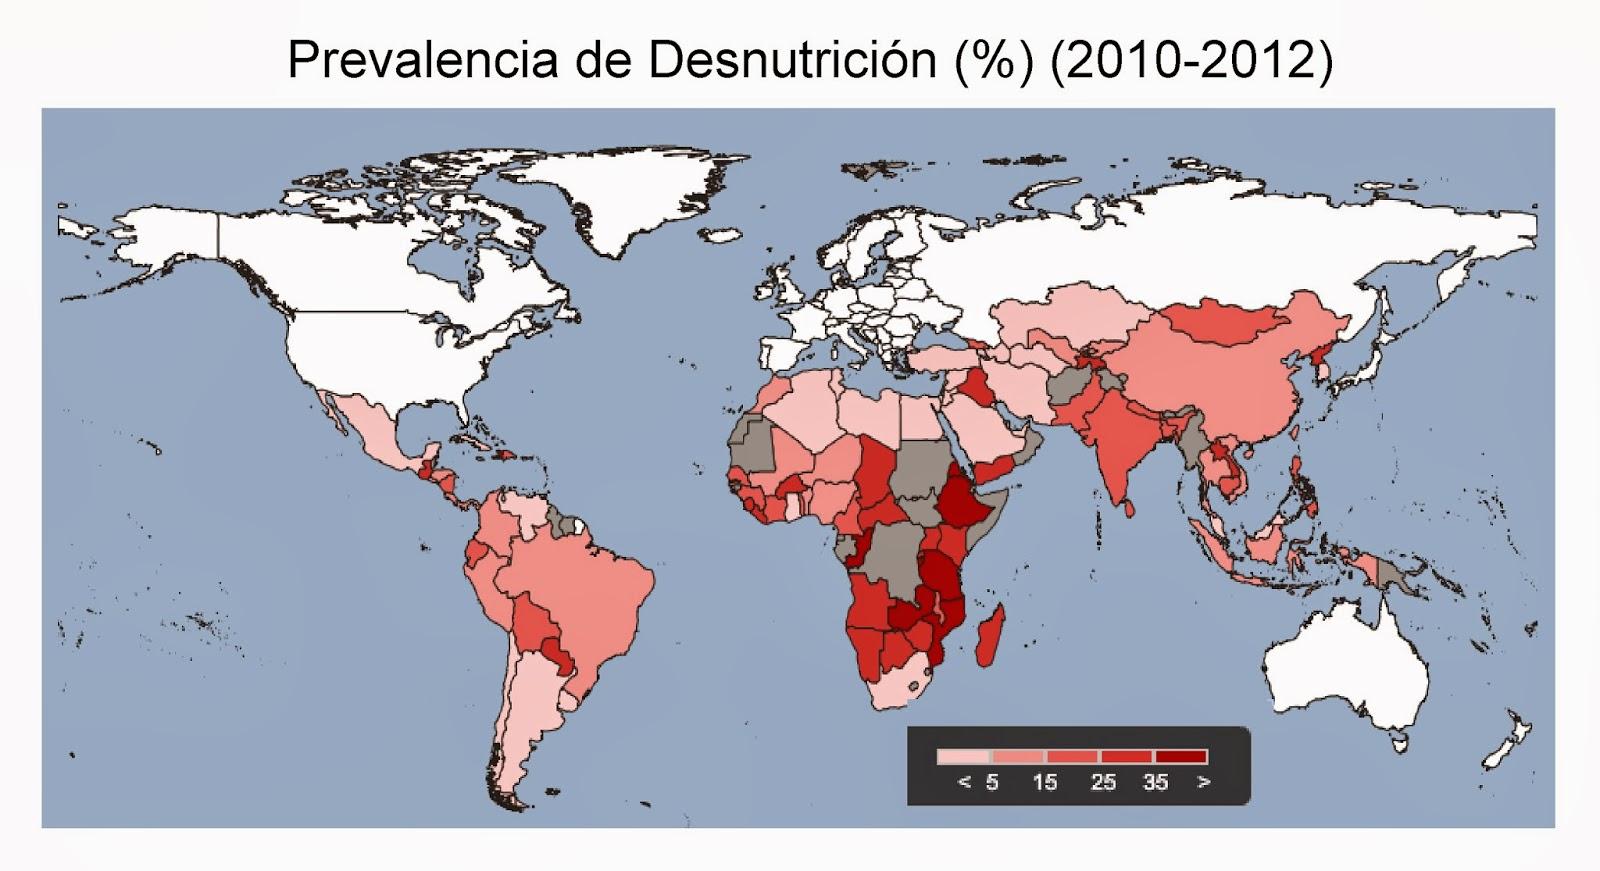 Mapa mundi con la incidencia de la desnutrición por países